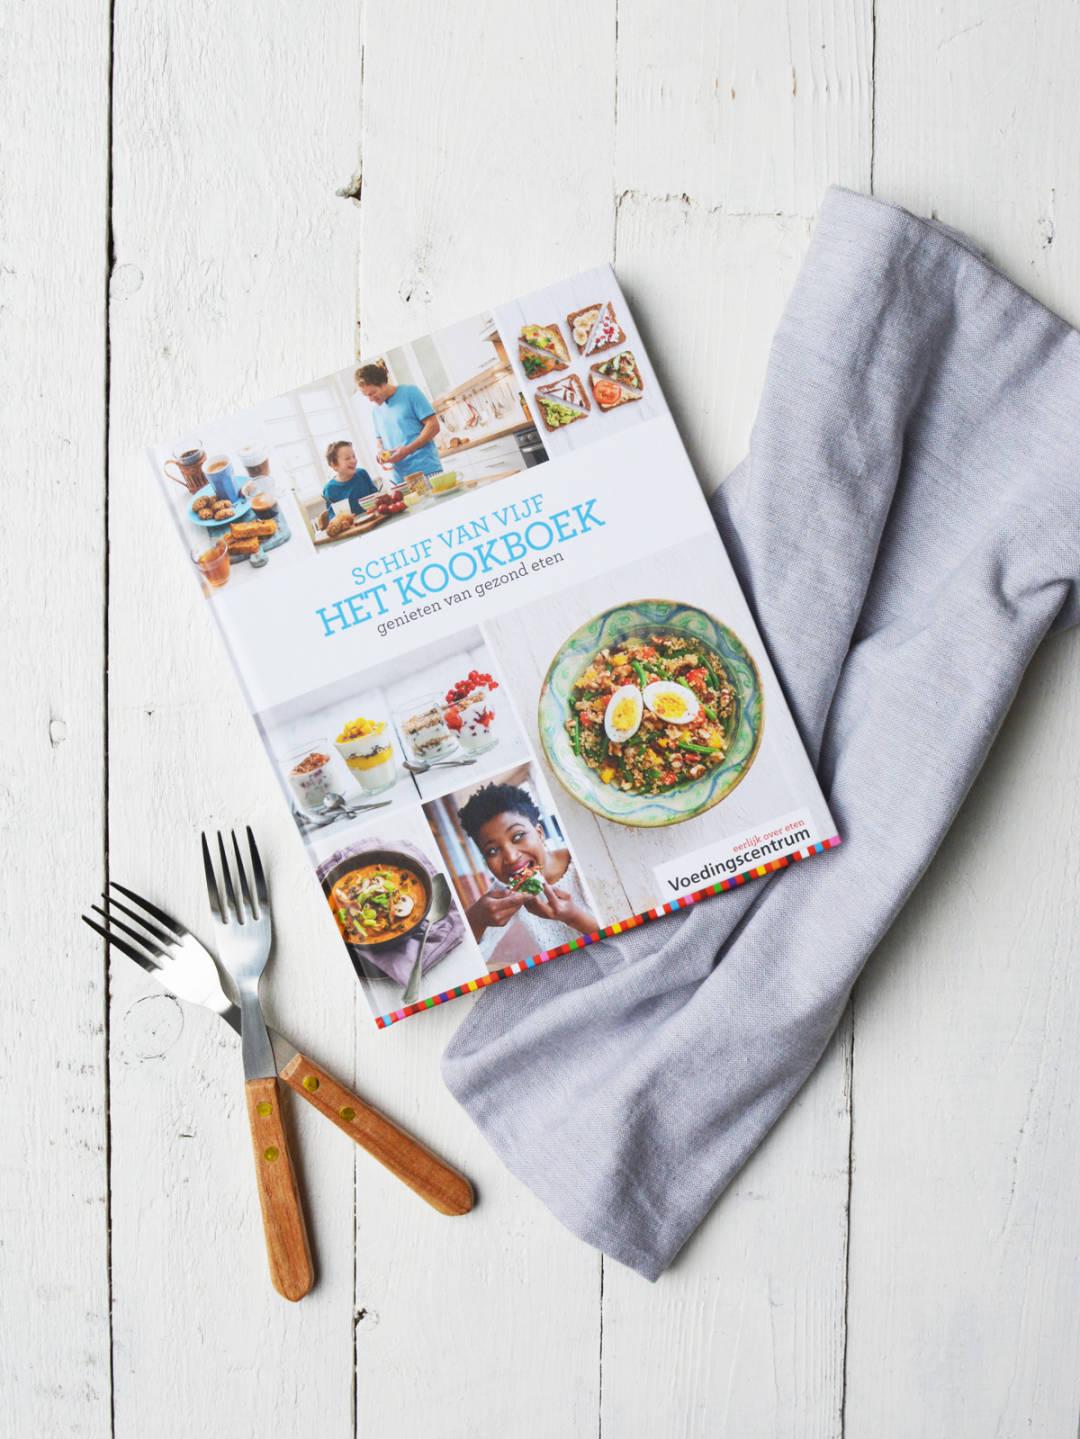 Schijf van Vijf kookboek 2